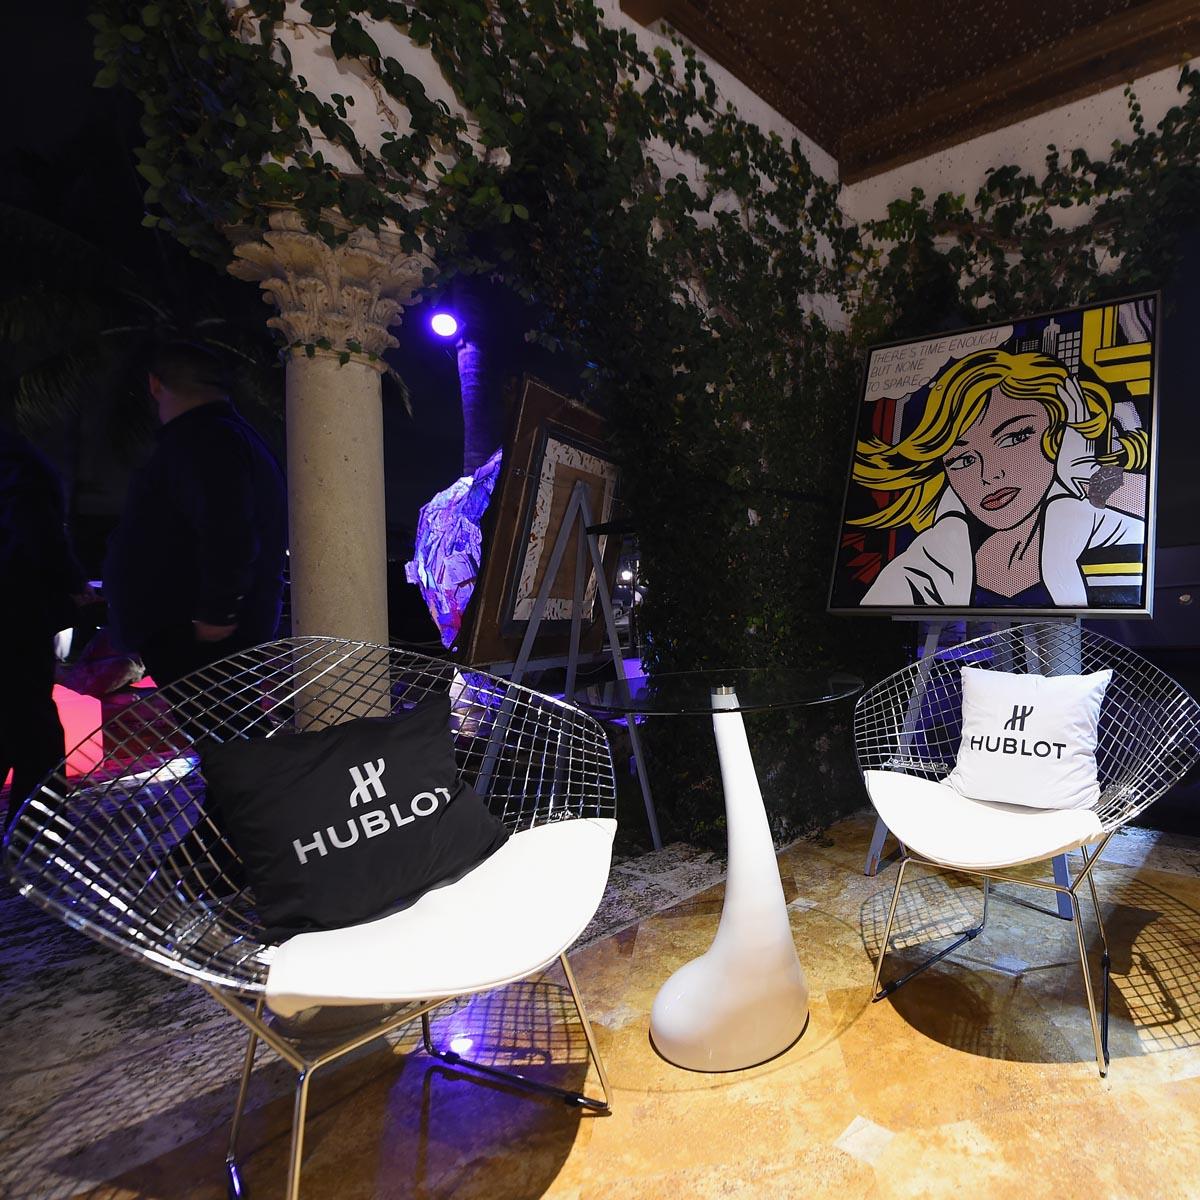 La Cote des Montres : Photo - Hublot : La première « Hublot Galerie » ouvre à Miami dans le quartier branché du Design District